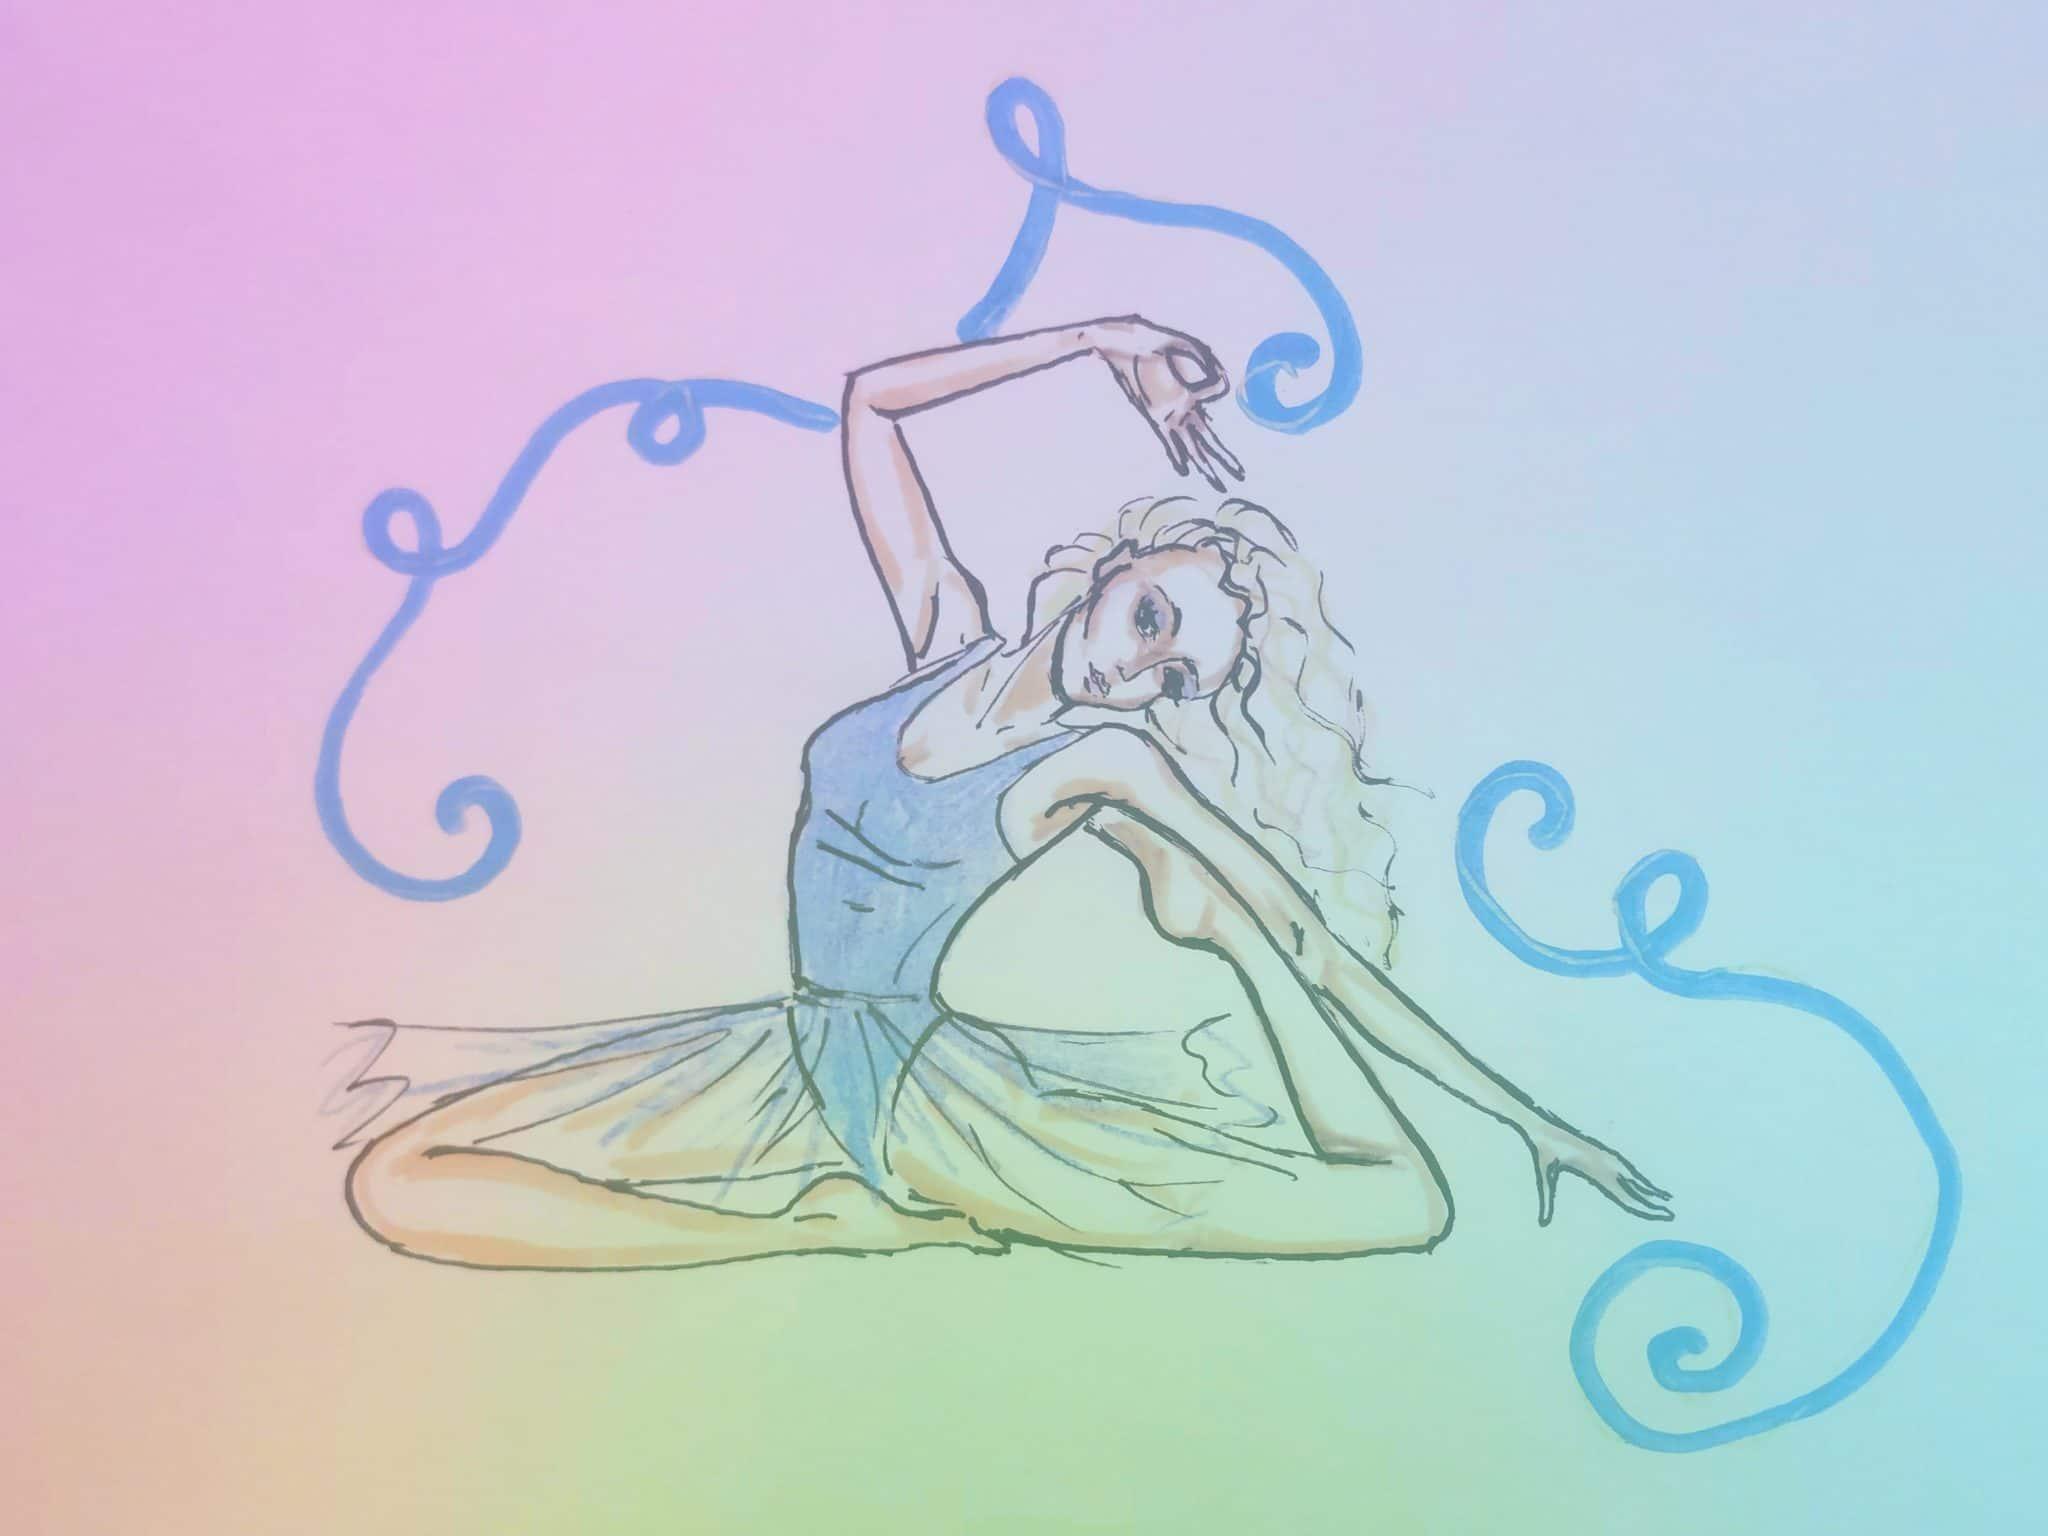 dance jóga, obrázek 3, typy jógy, pokus 2